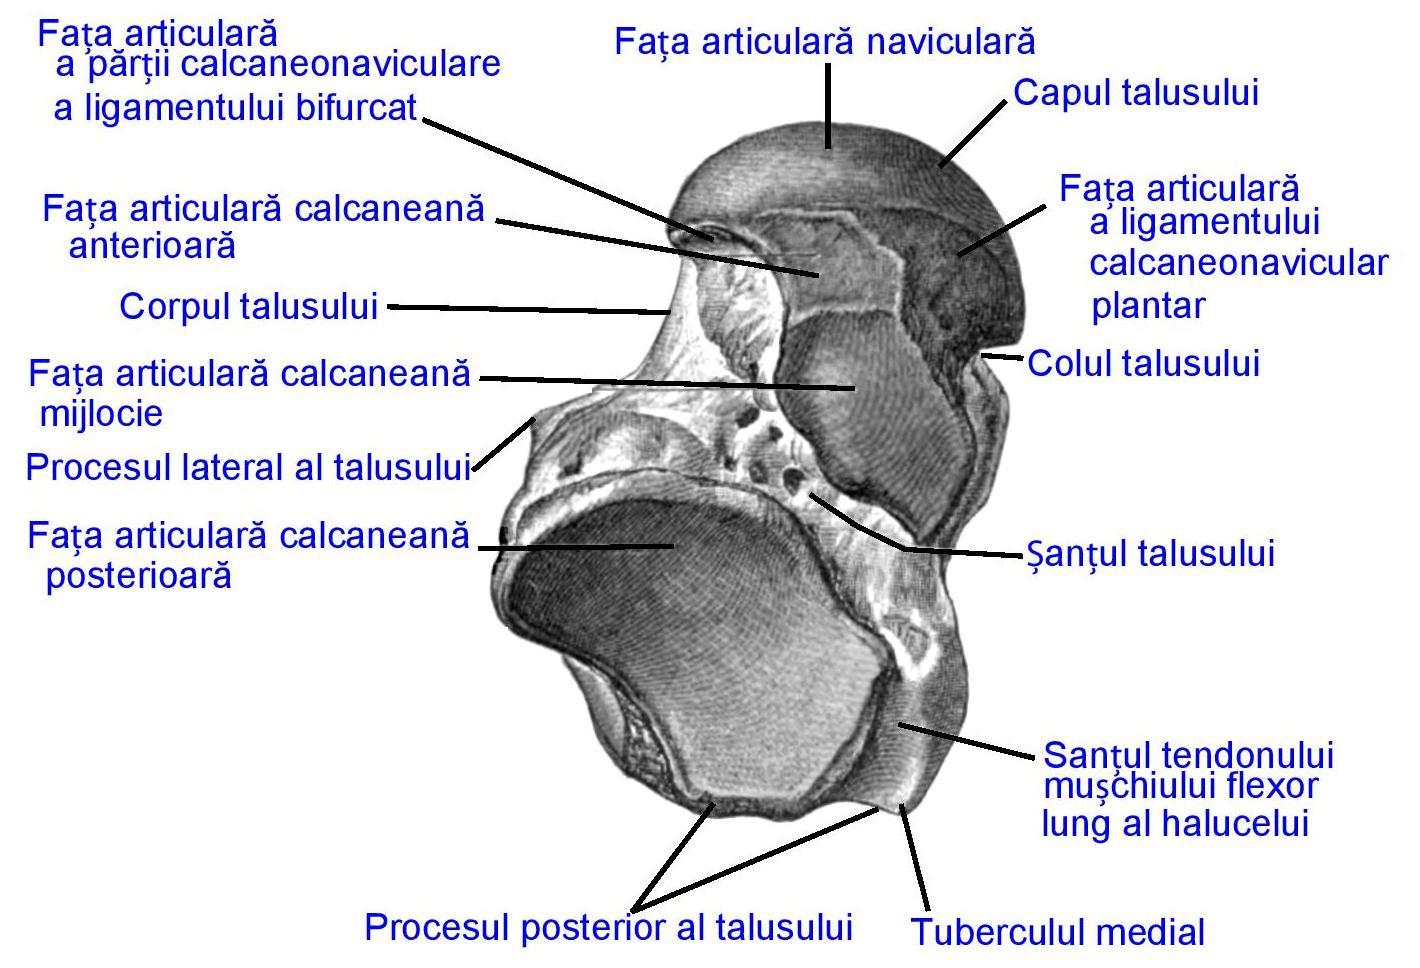 Artroza talo navicular articulare 1 grad